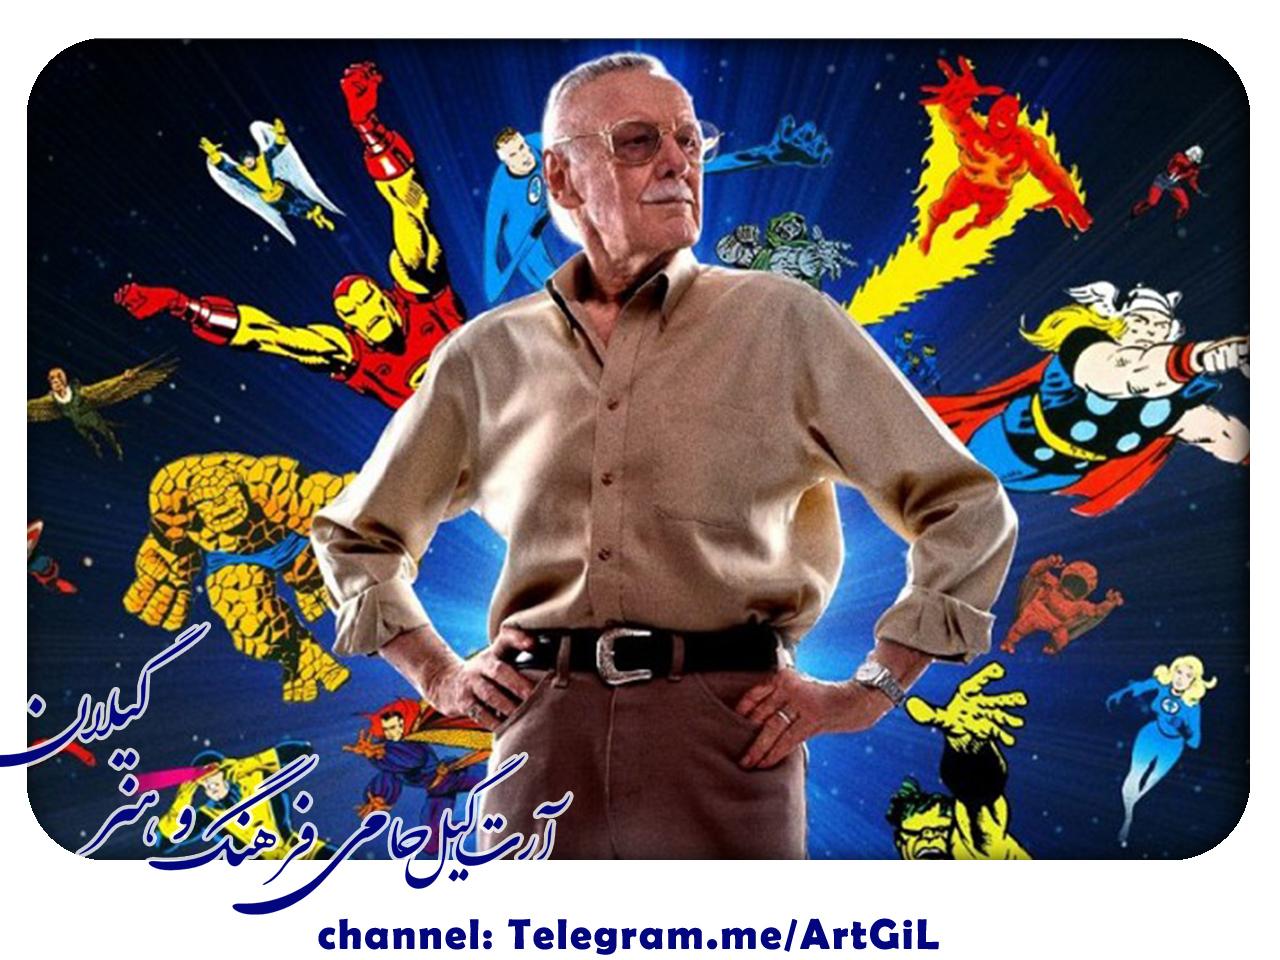 نگاهی به زندگینامه خالق شخصیتهای قهرمان، شگفت انگیز و رنگارنگ